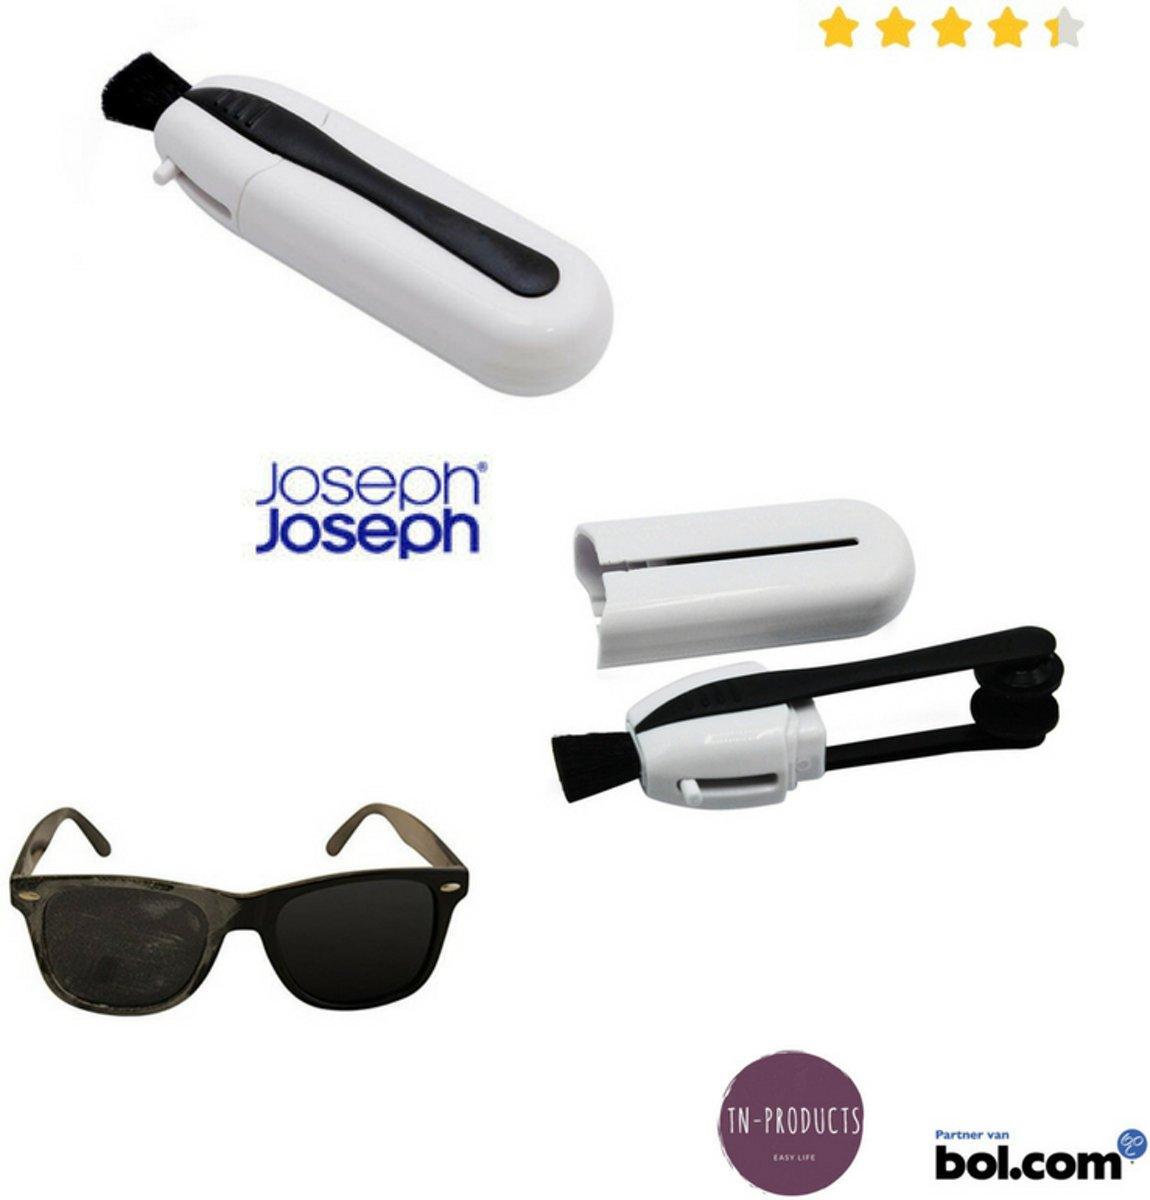 Brillen Reiniger - Lensreiniger voor brillen - GRATIS VERZENDING kopen